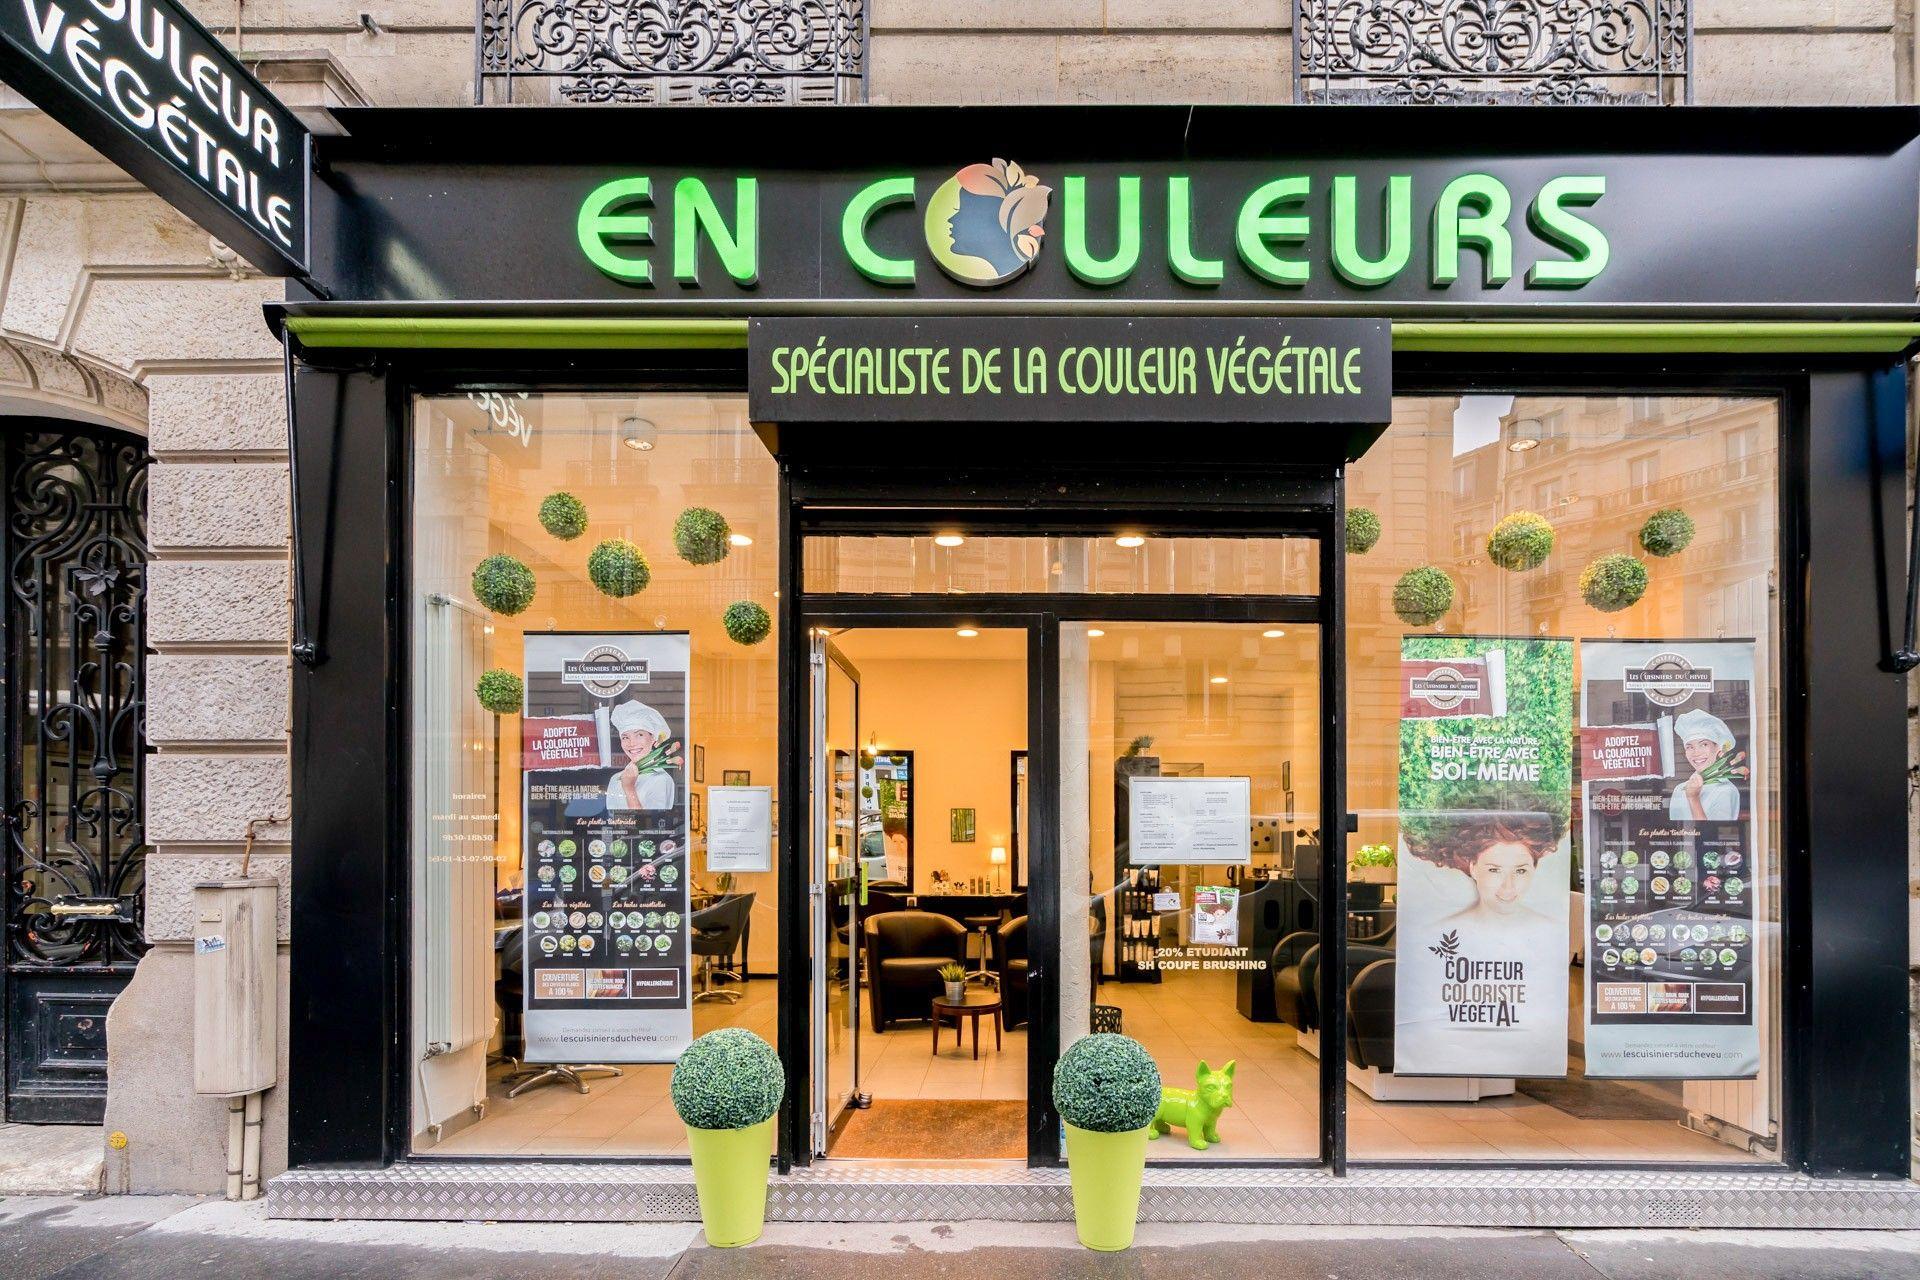 Salon De Coiffure En Couleurs Vegetale Rue Parrot 75012 Paris Salon De Coiffure Vegetal Salon